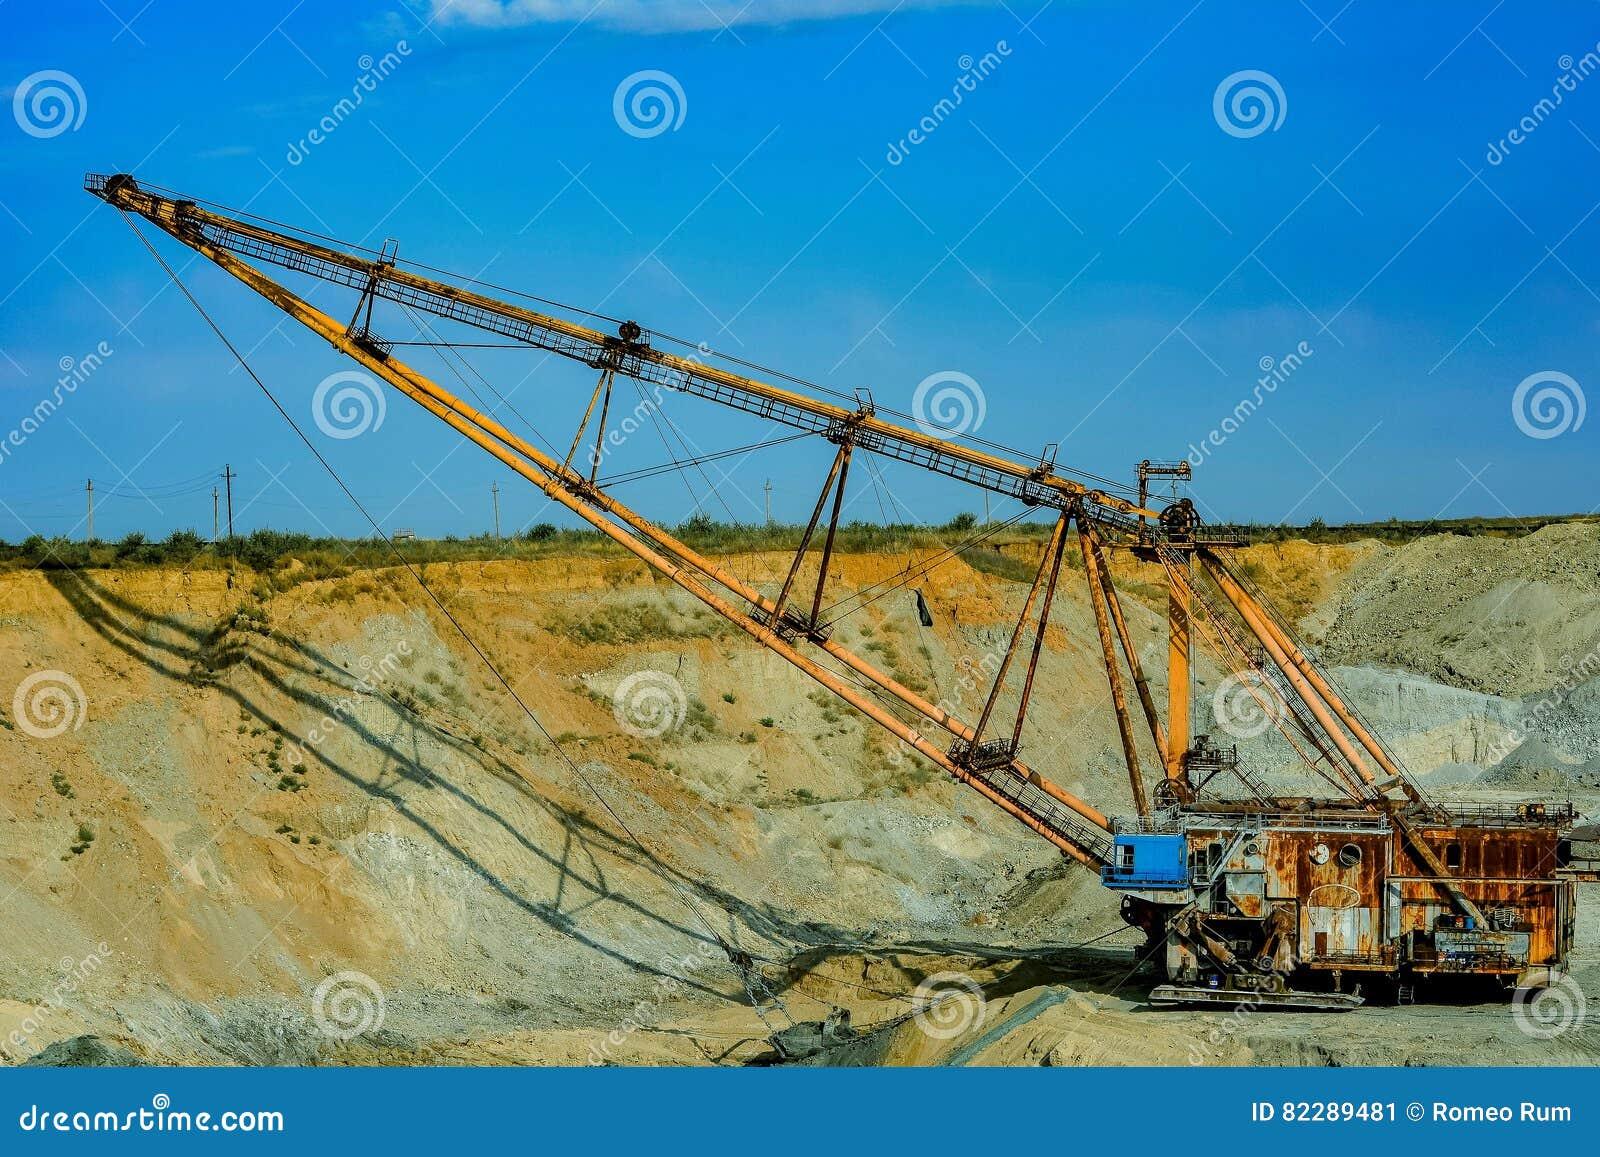 Walking Excavator Stock Image Image Of Deep Ecology 82289481